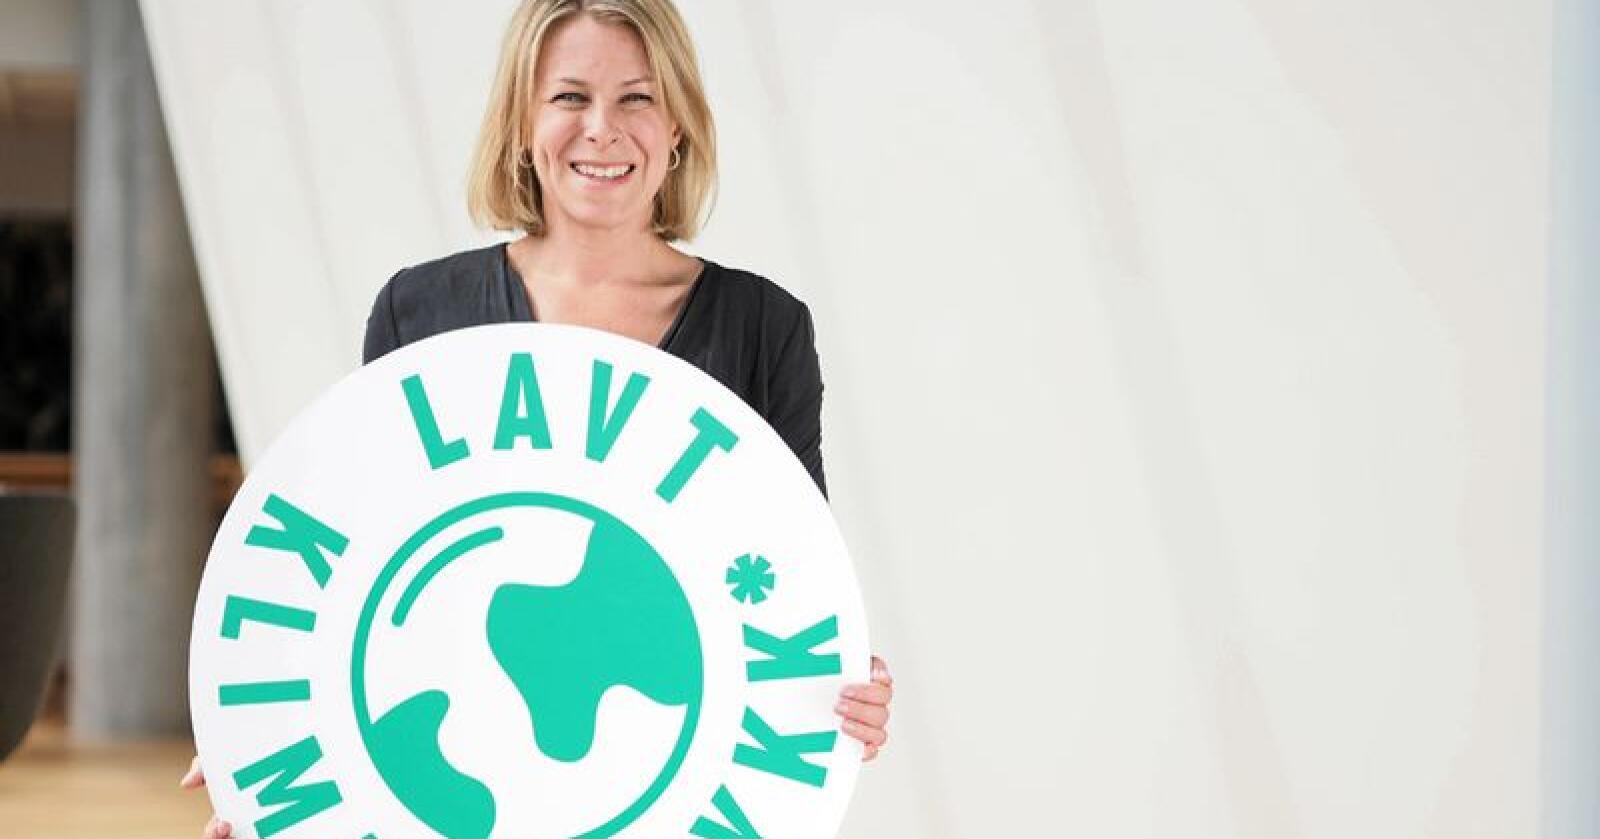 Johanne Kjuus, bærekraftansvarlig i Orkla Foods Norge, mener klima fortjener sin egen merkeordning. Foto: Orkla